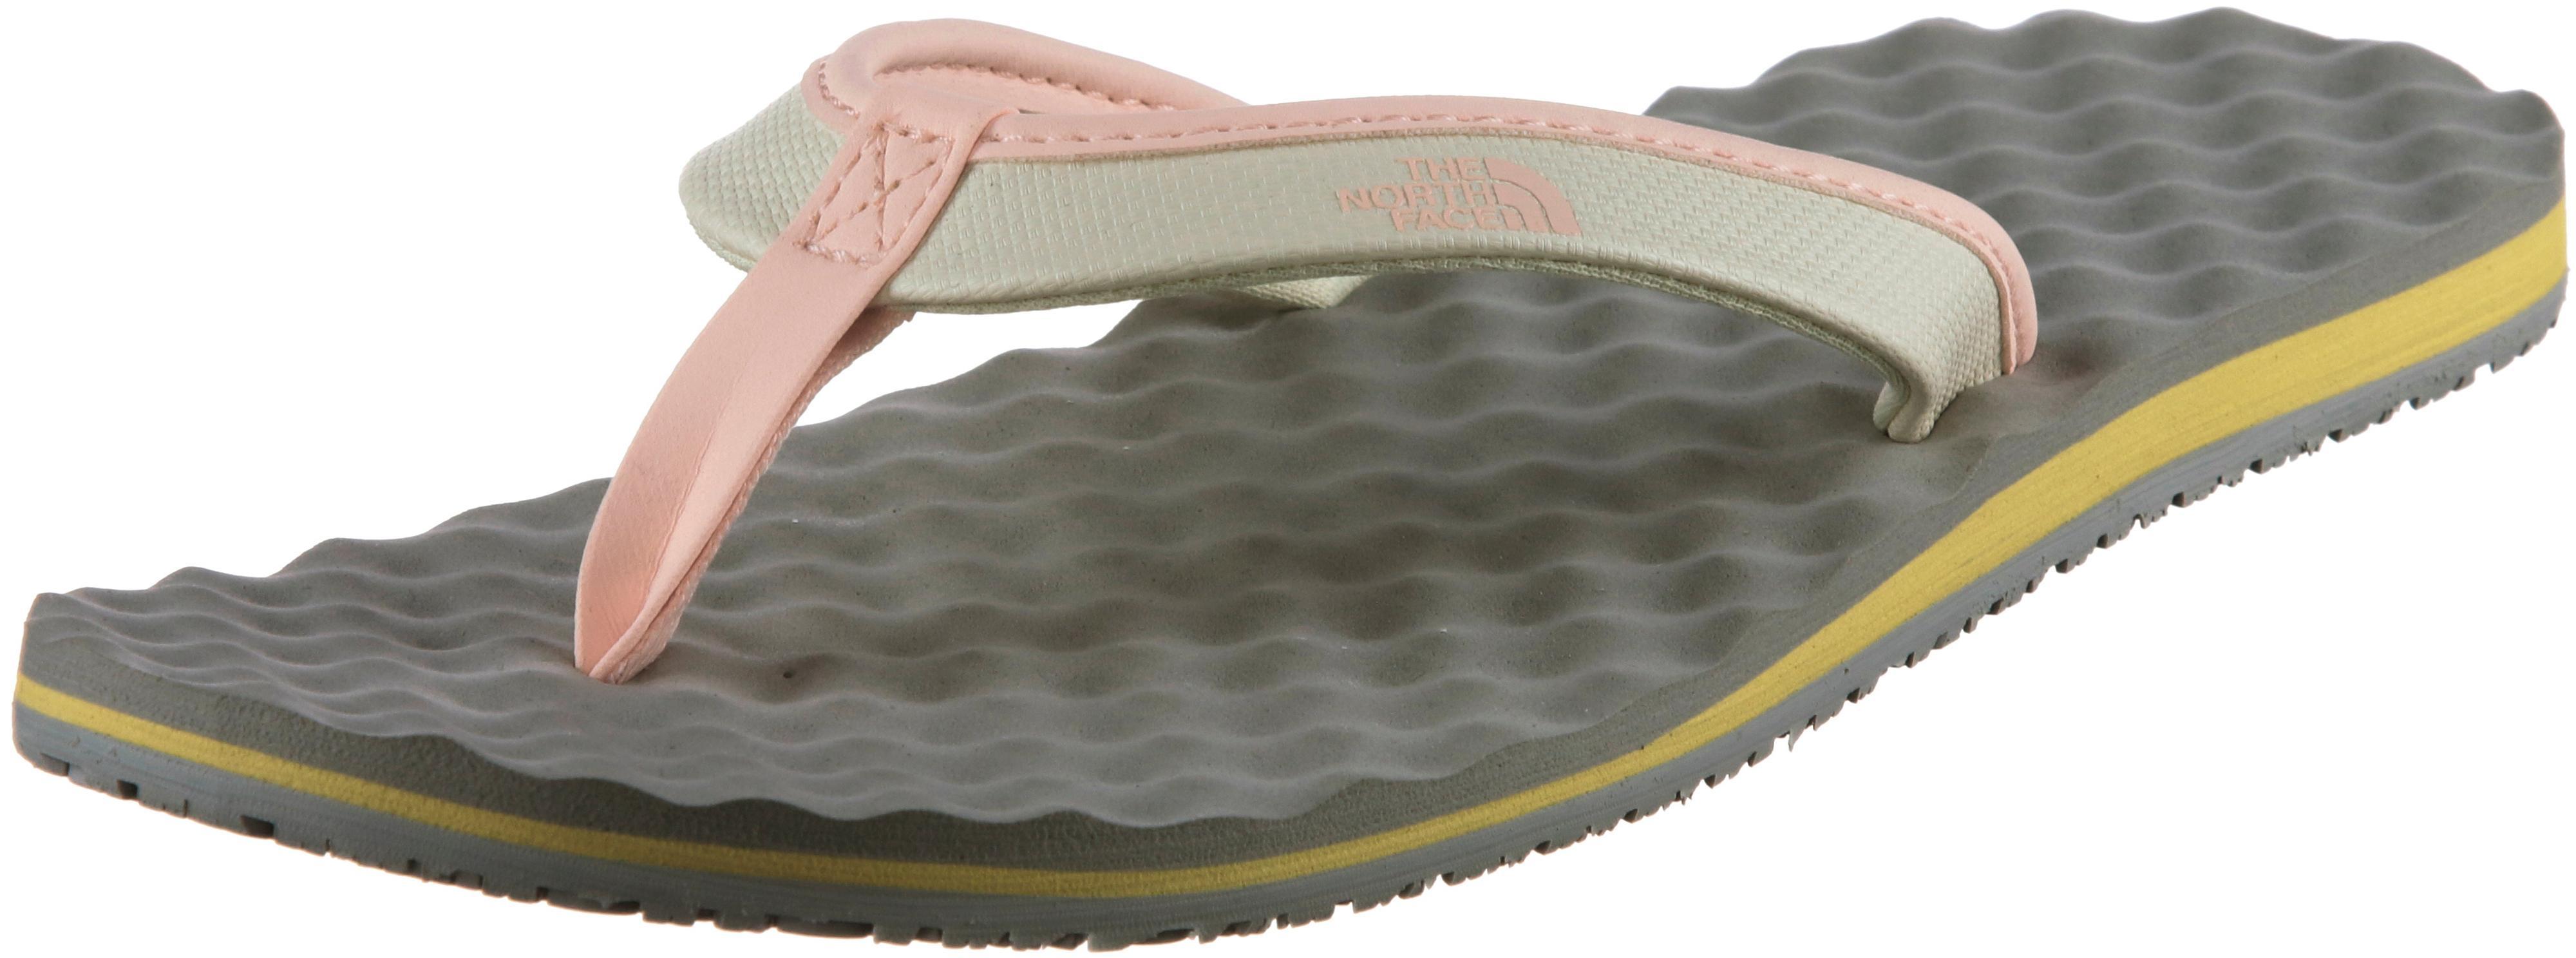 The North Face Base Camp Mini Zehentrenner Damen vintage Weiß-evening sand Rosa im Online Shop von SportScheck kaufen Gute Qualität beliebte Schuhe